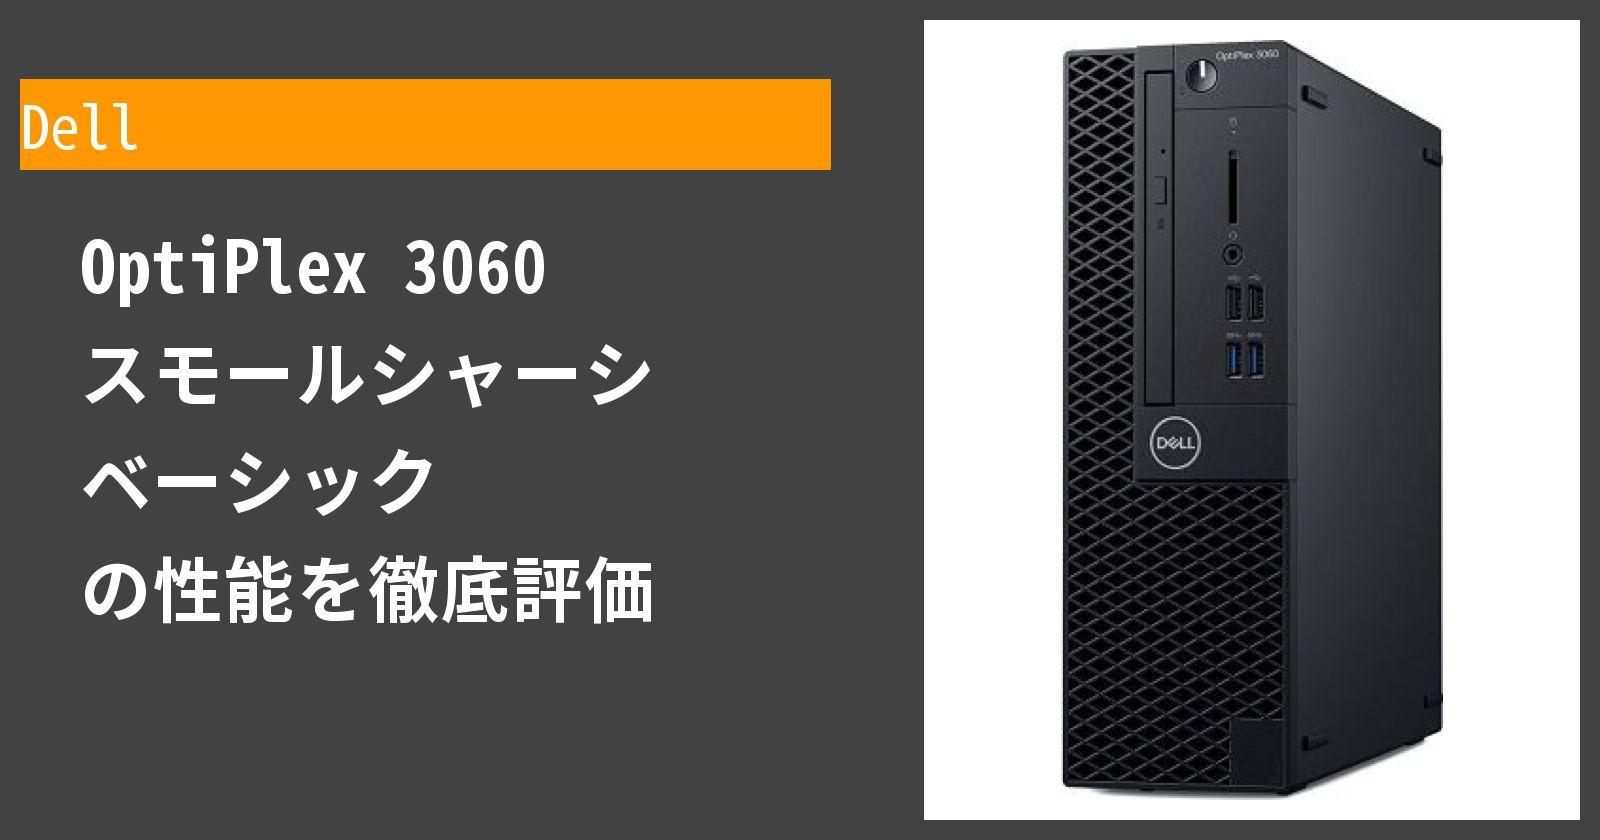 OptiPlex 3060 スモールシャーシ ベーシック の性能を徹底評価